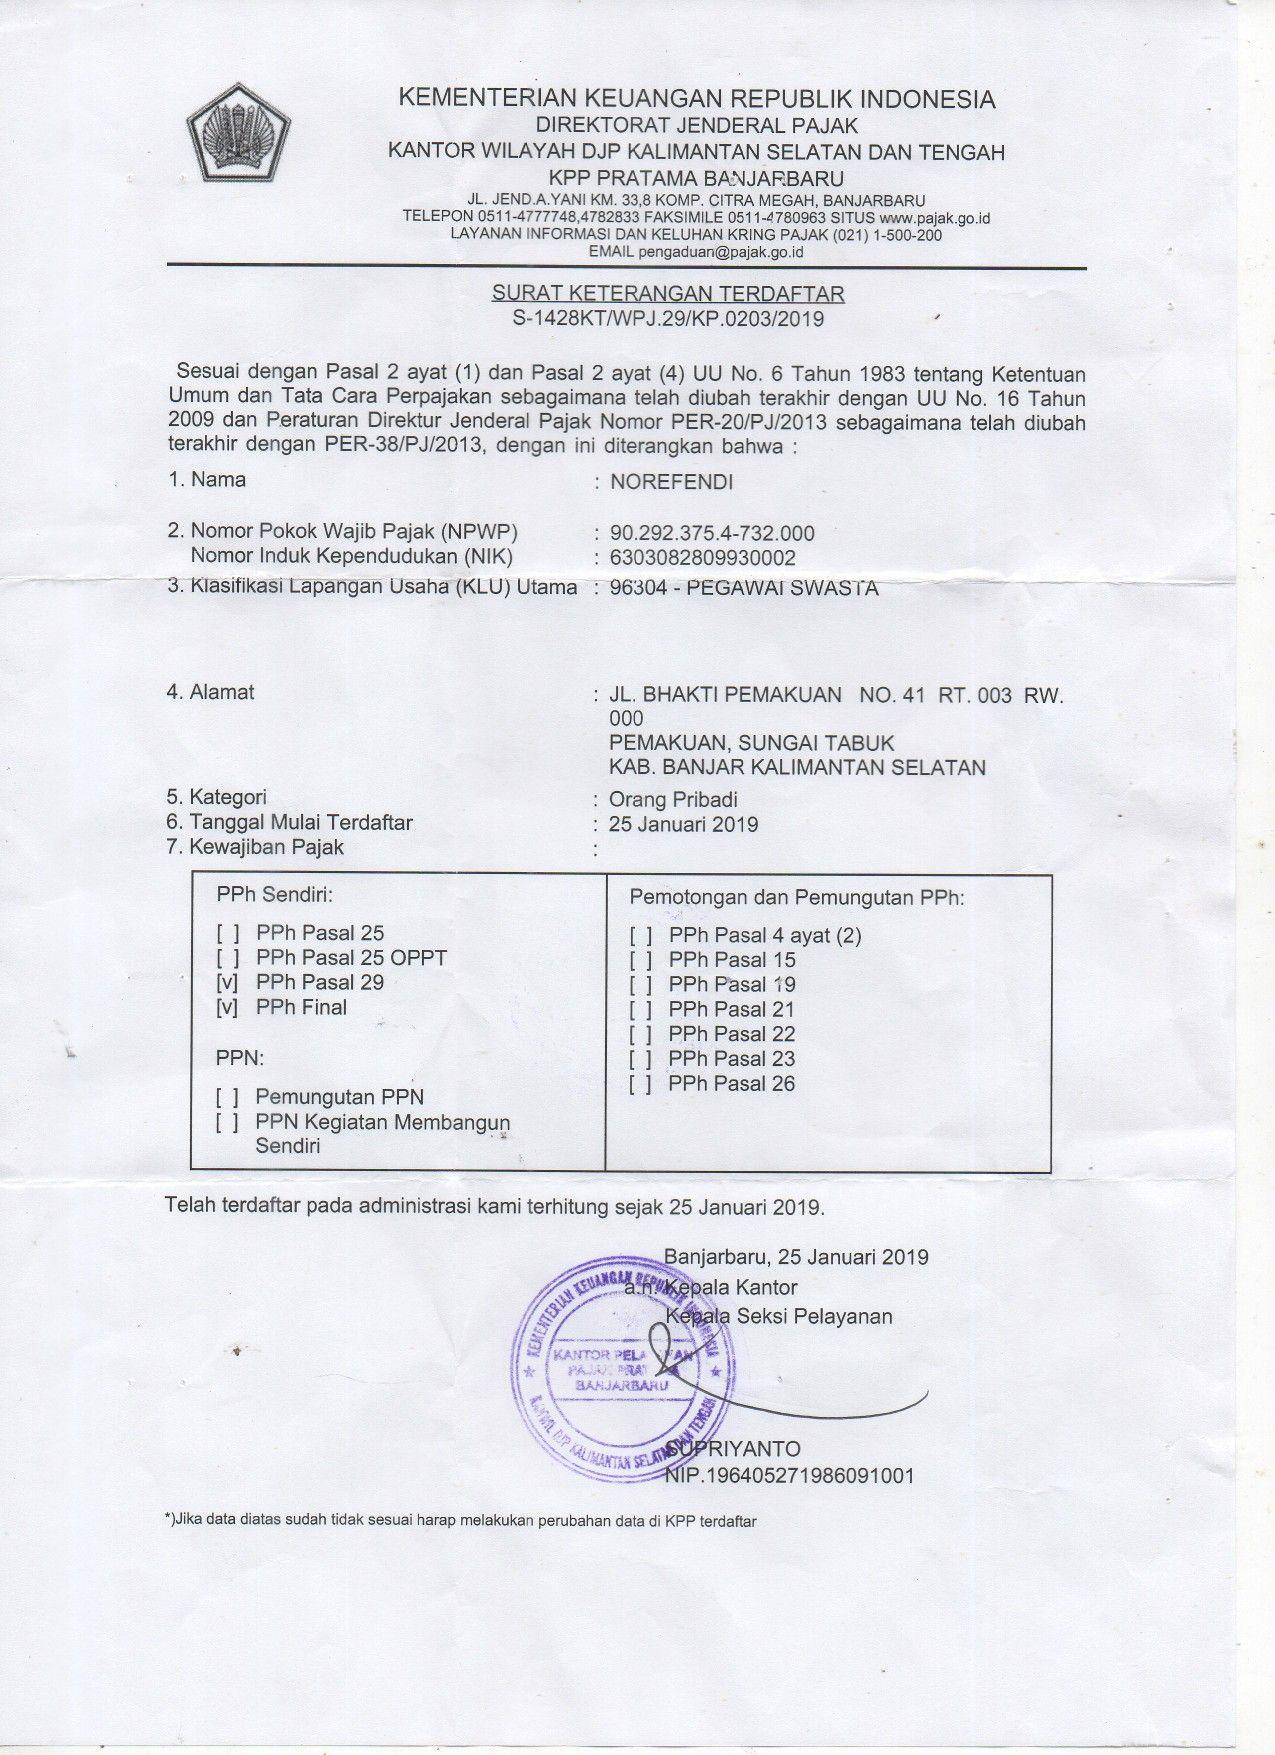 Surat Keterangan Terdaftar Npwp Kpp Pratama Banjarbaru